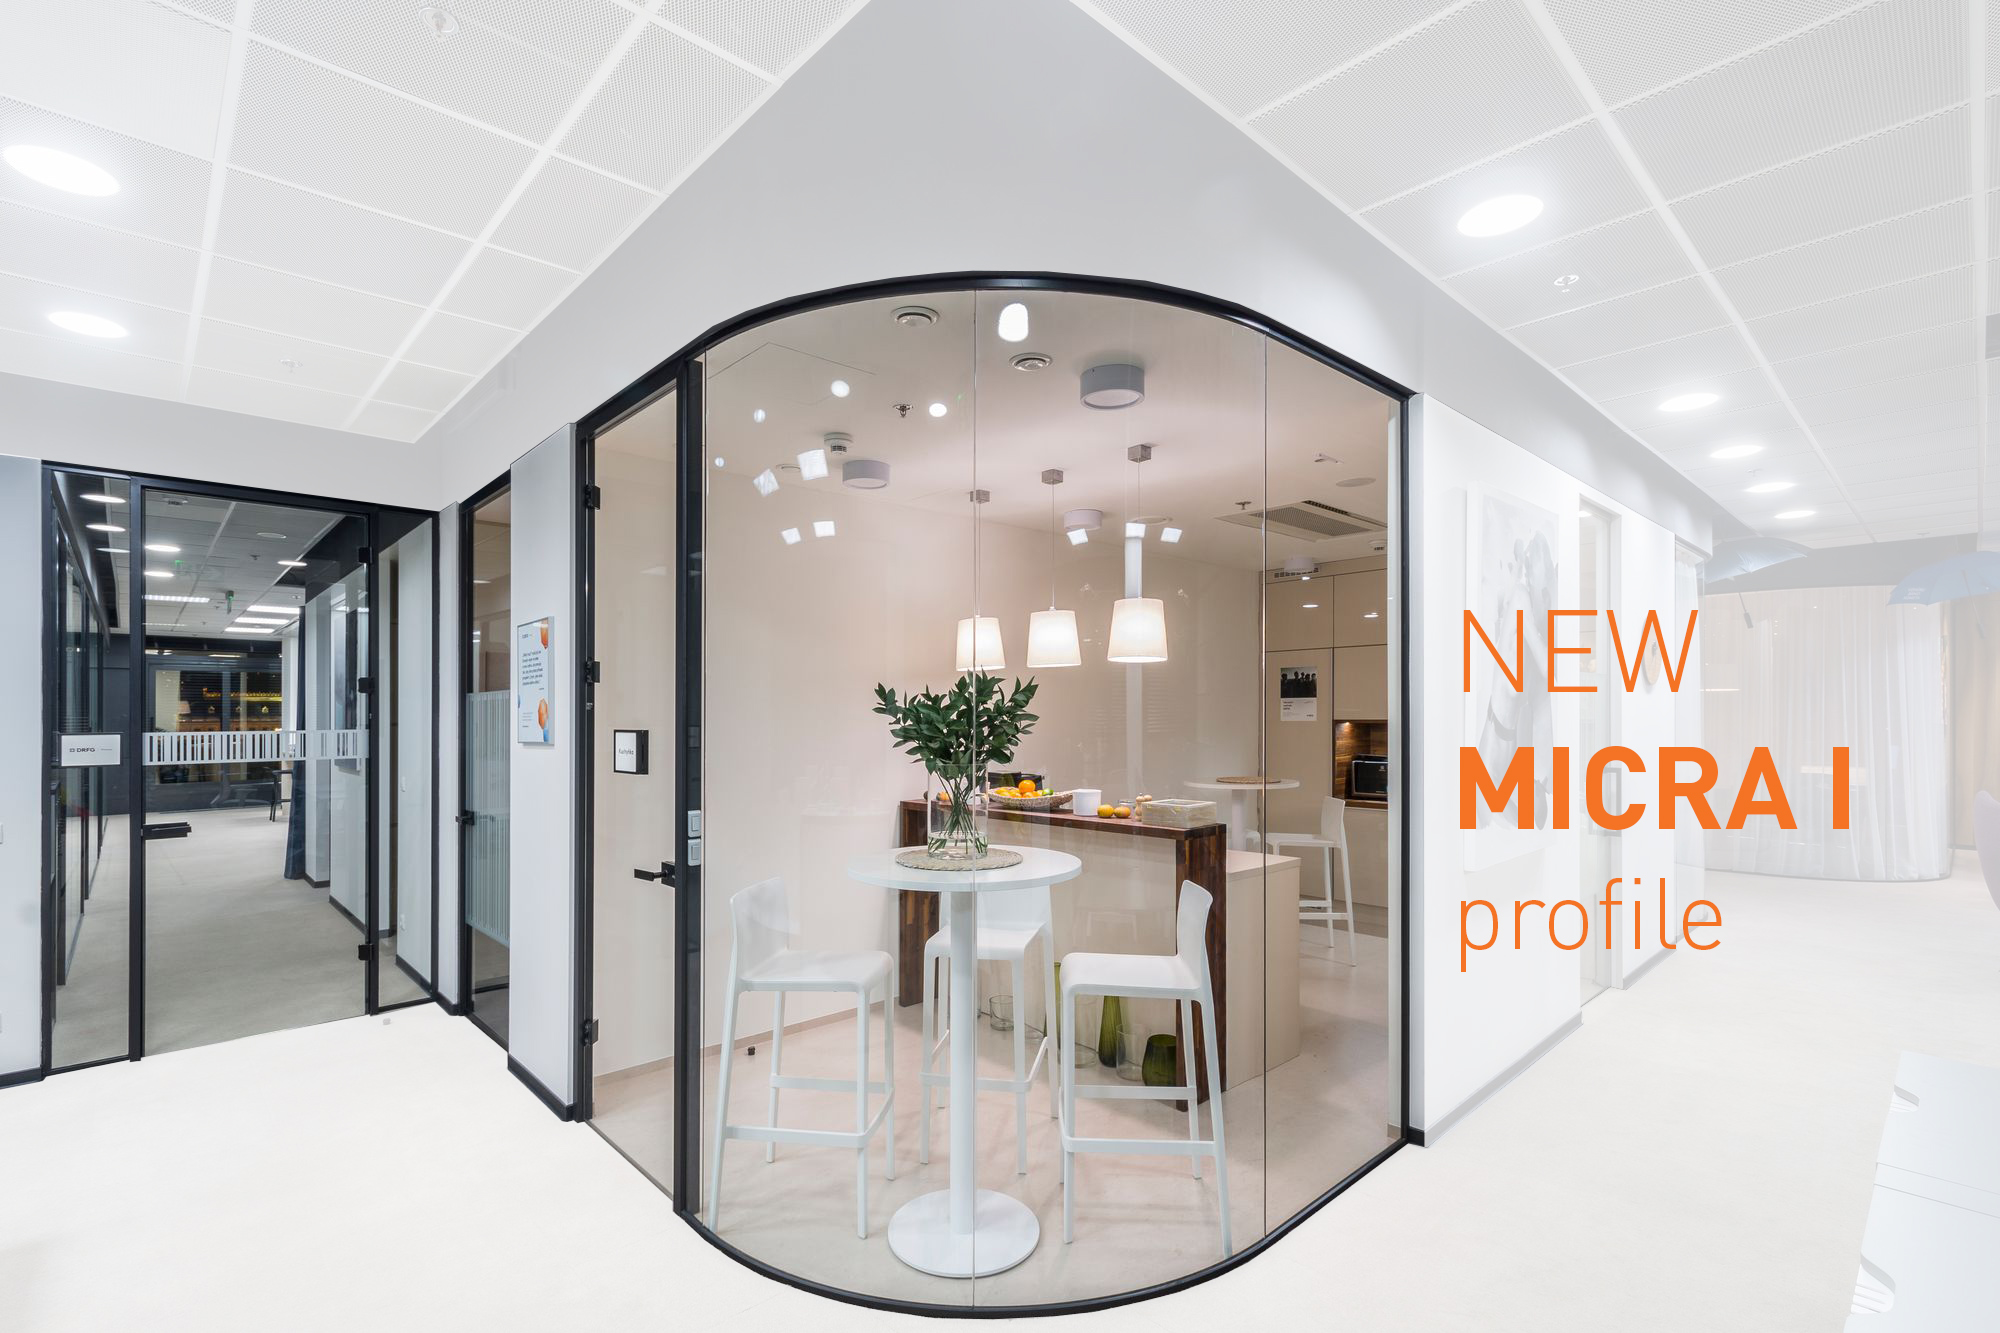 MICRA I. New profile